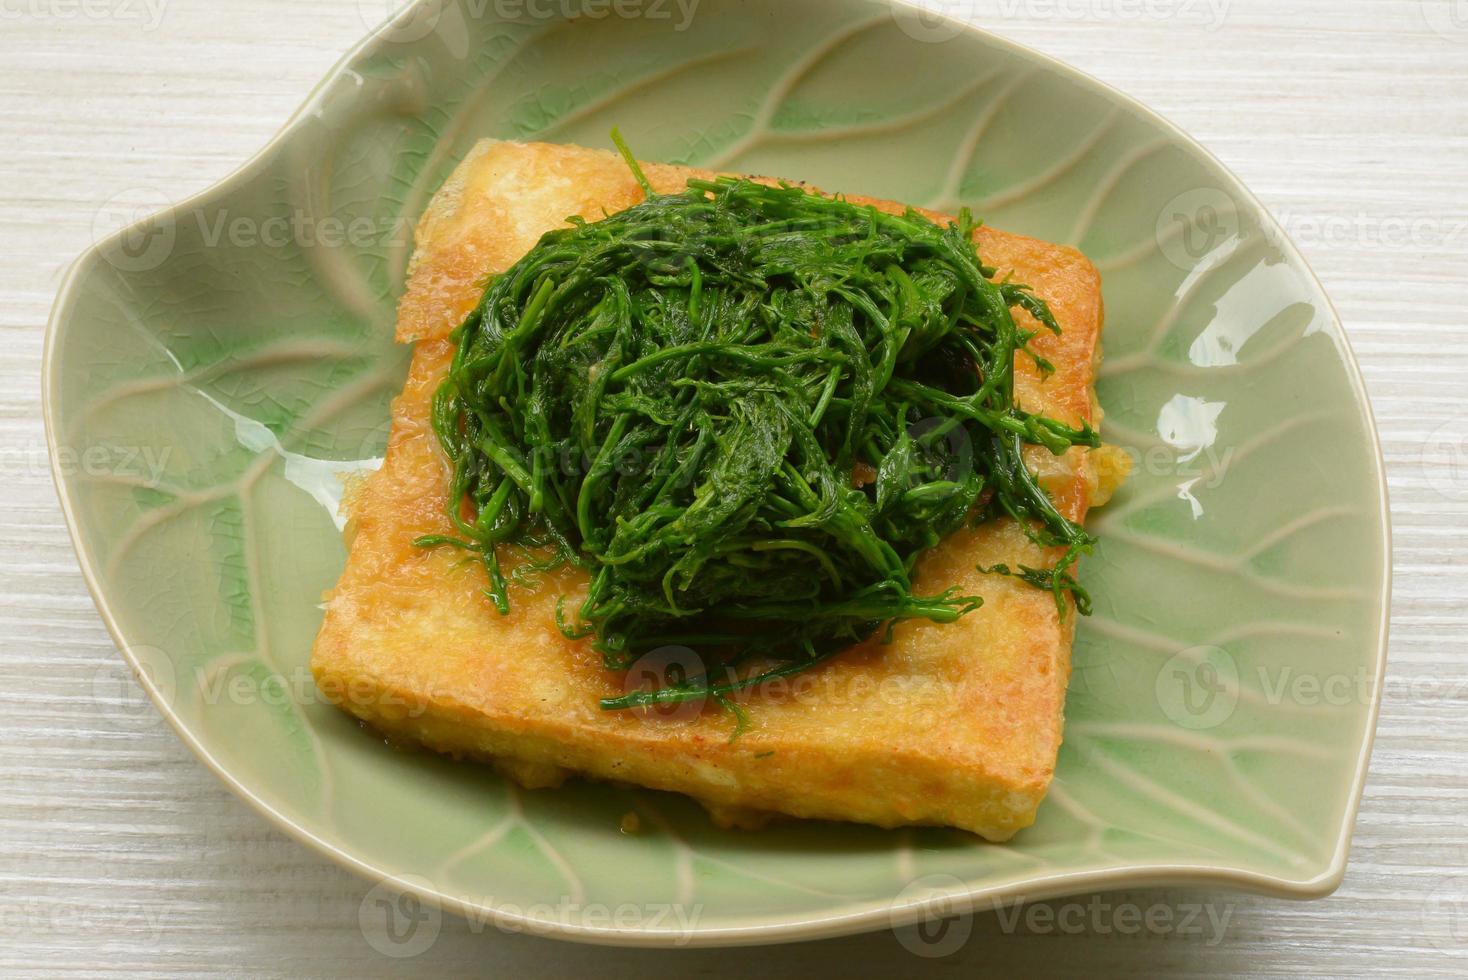 gebakken tofu plantaardig vegetarisch eten foto